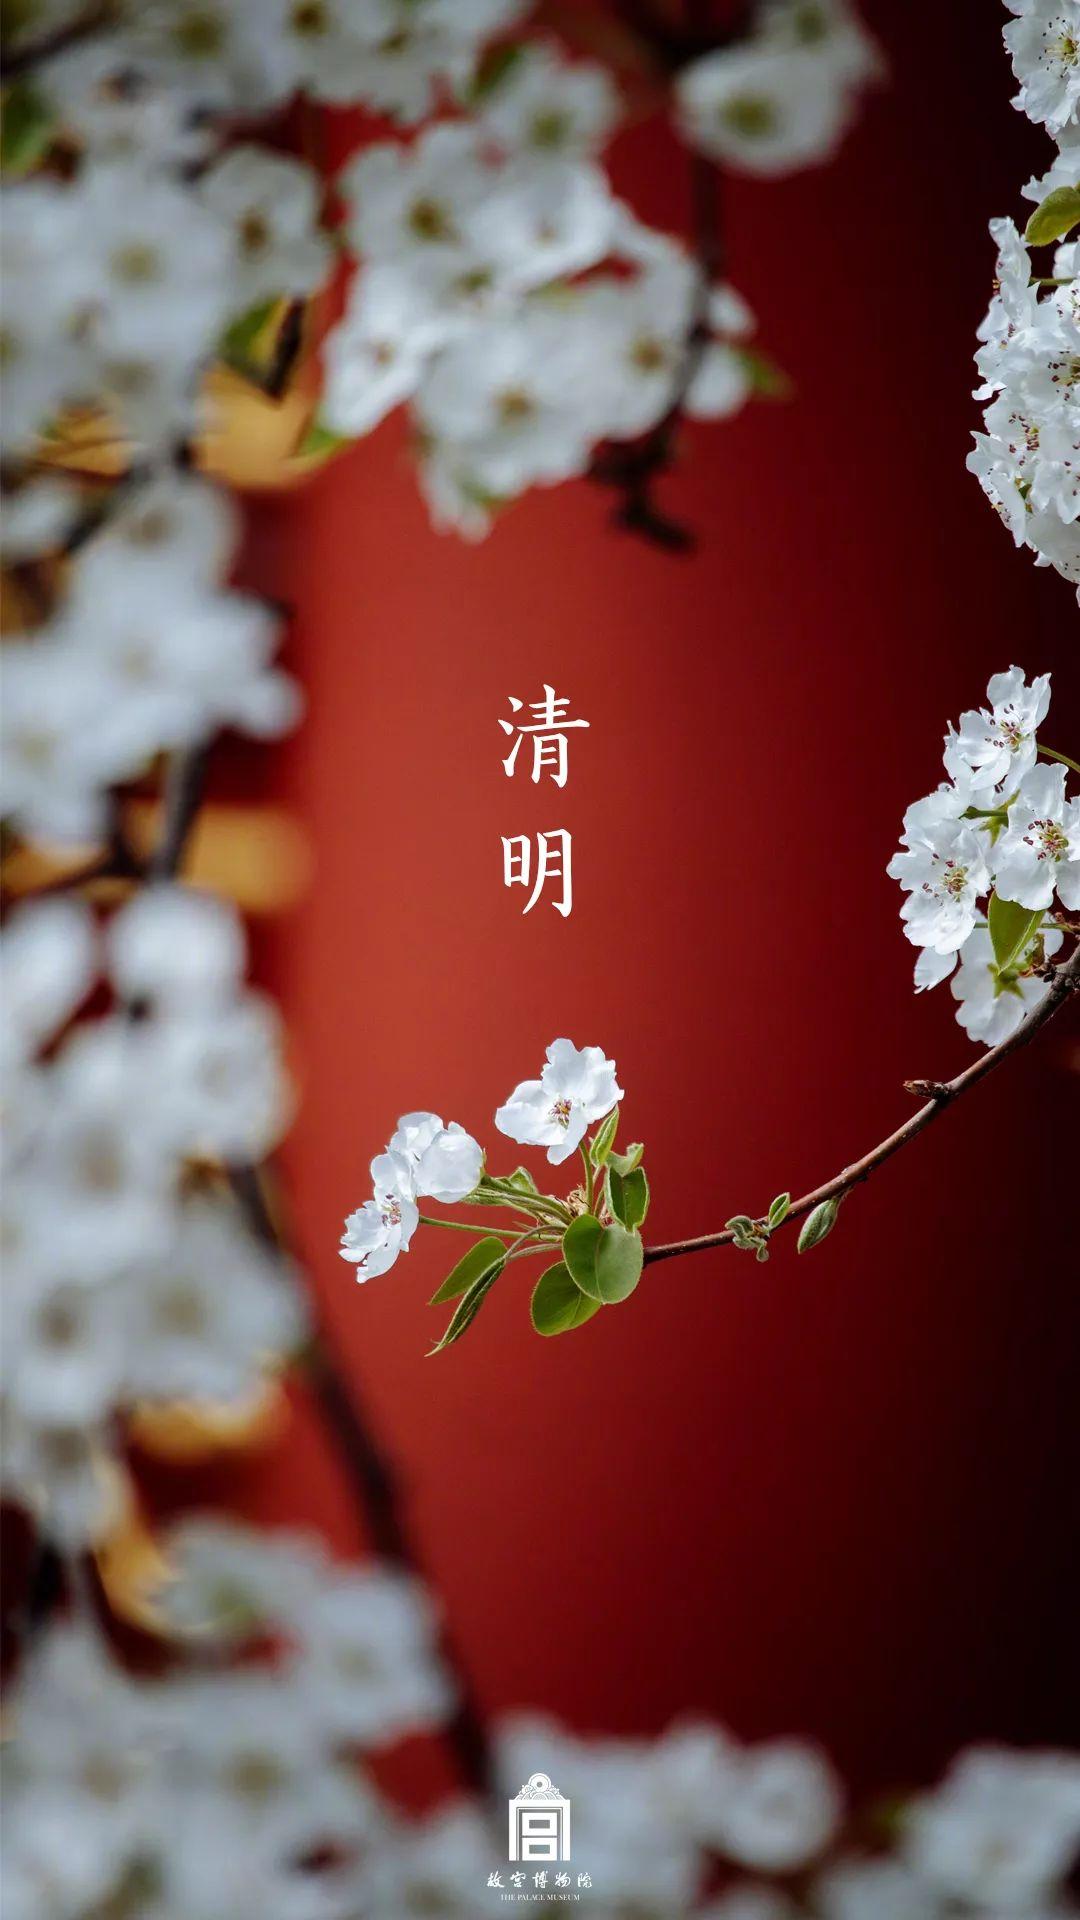 清明节海报文案: 低头追思故人,抬头迈向春天!插图2